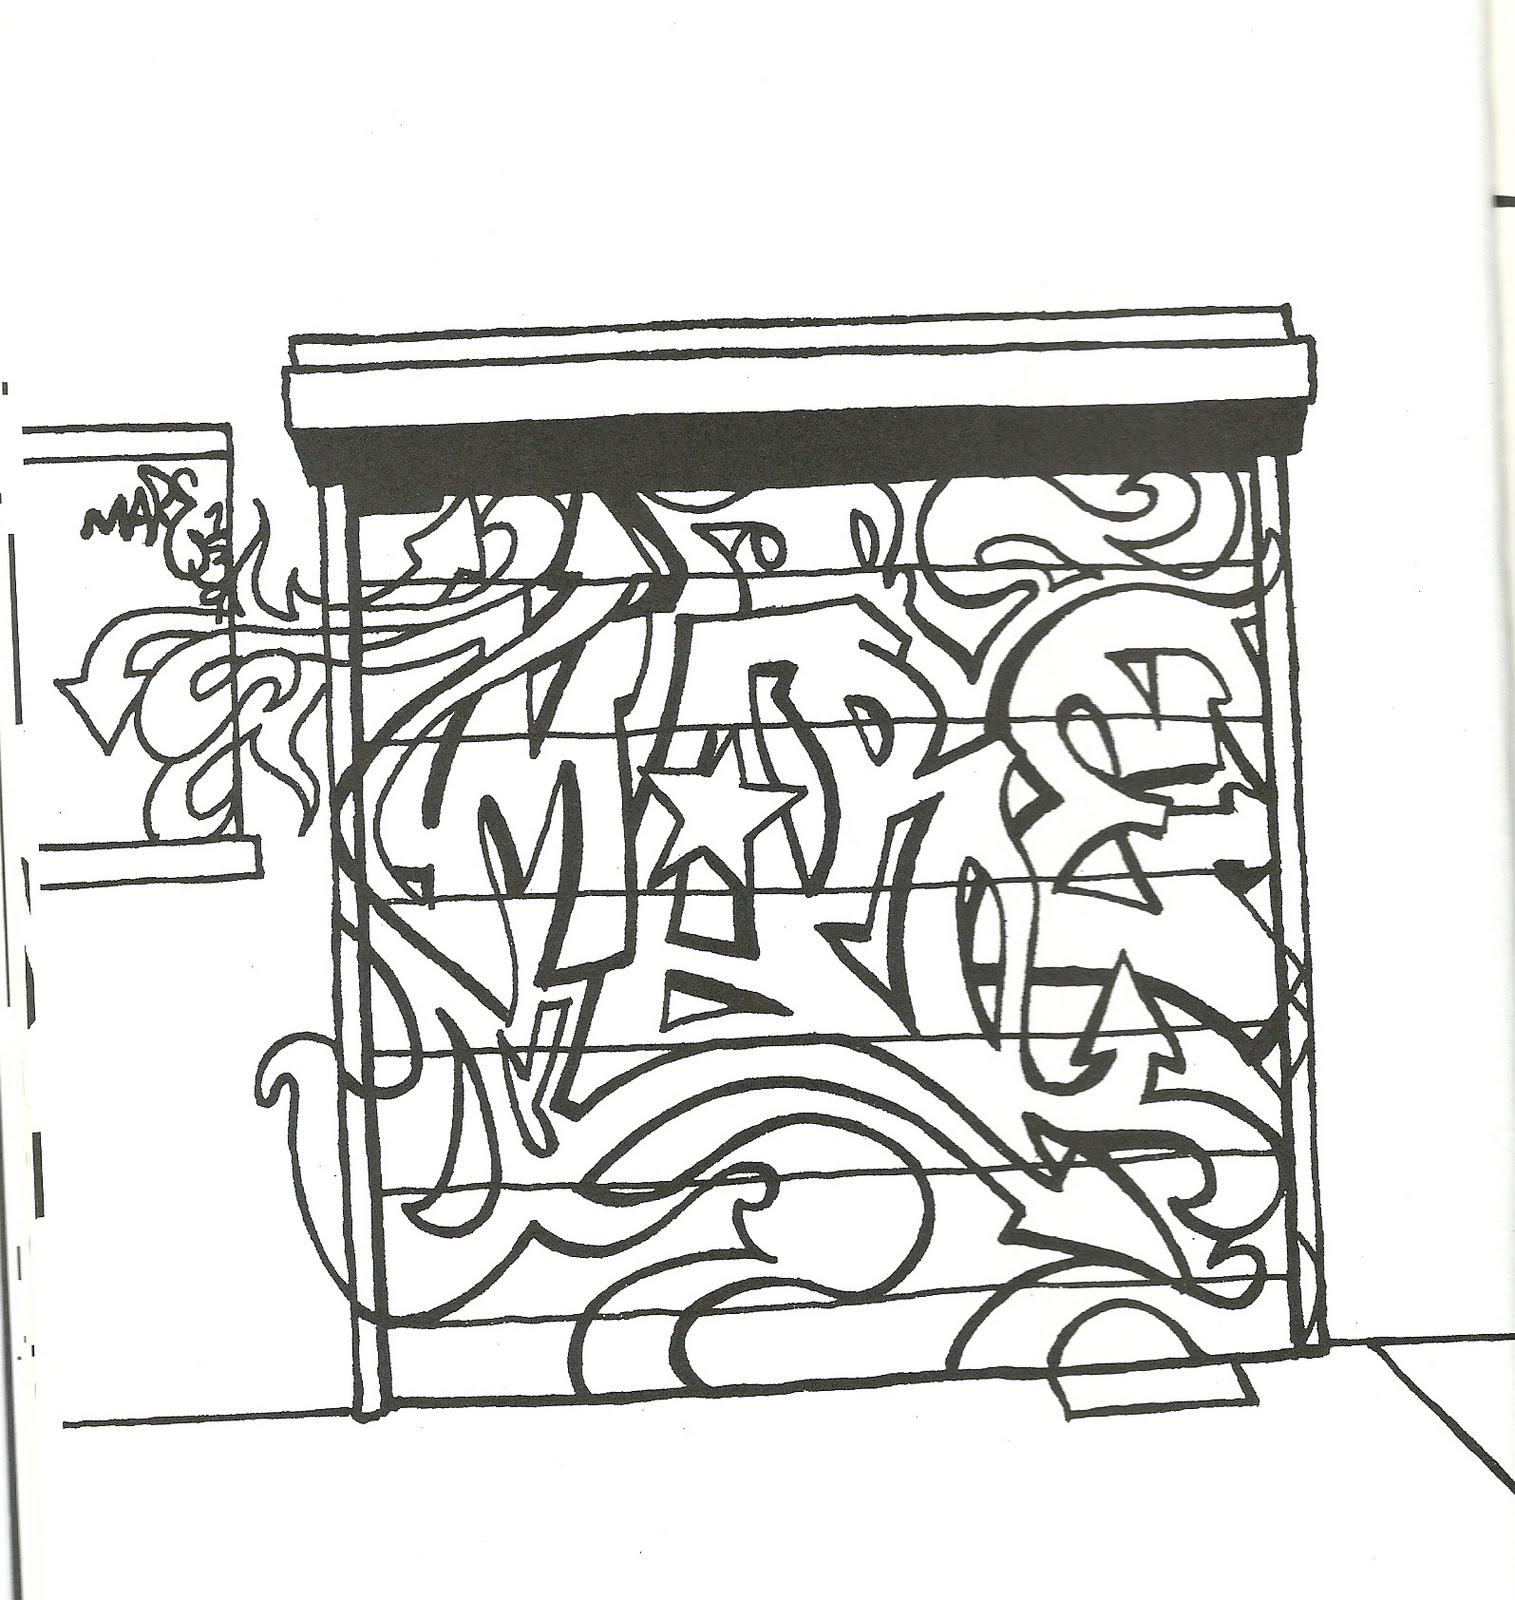 Disegni da colorare disegni da colorare street art for Disegni da colorare di case